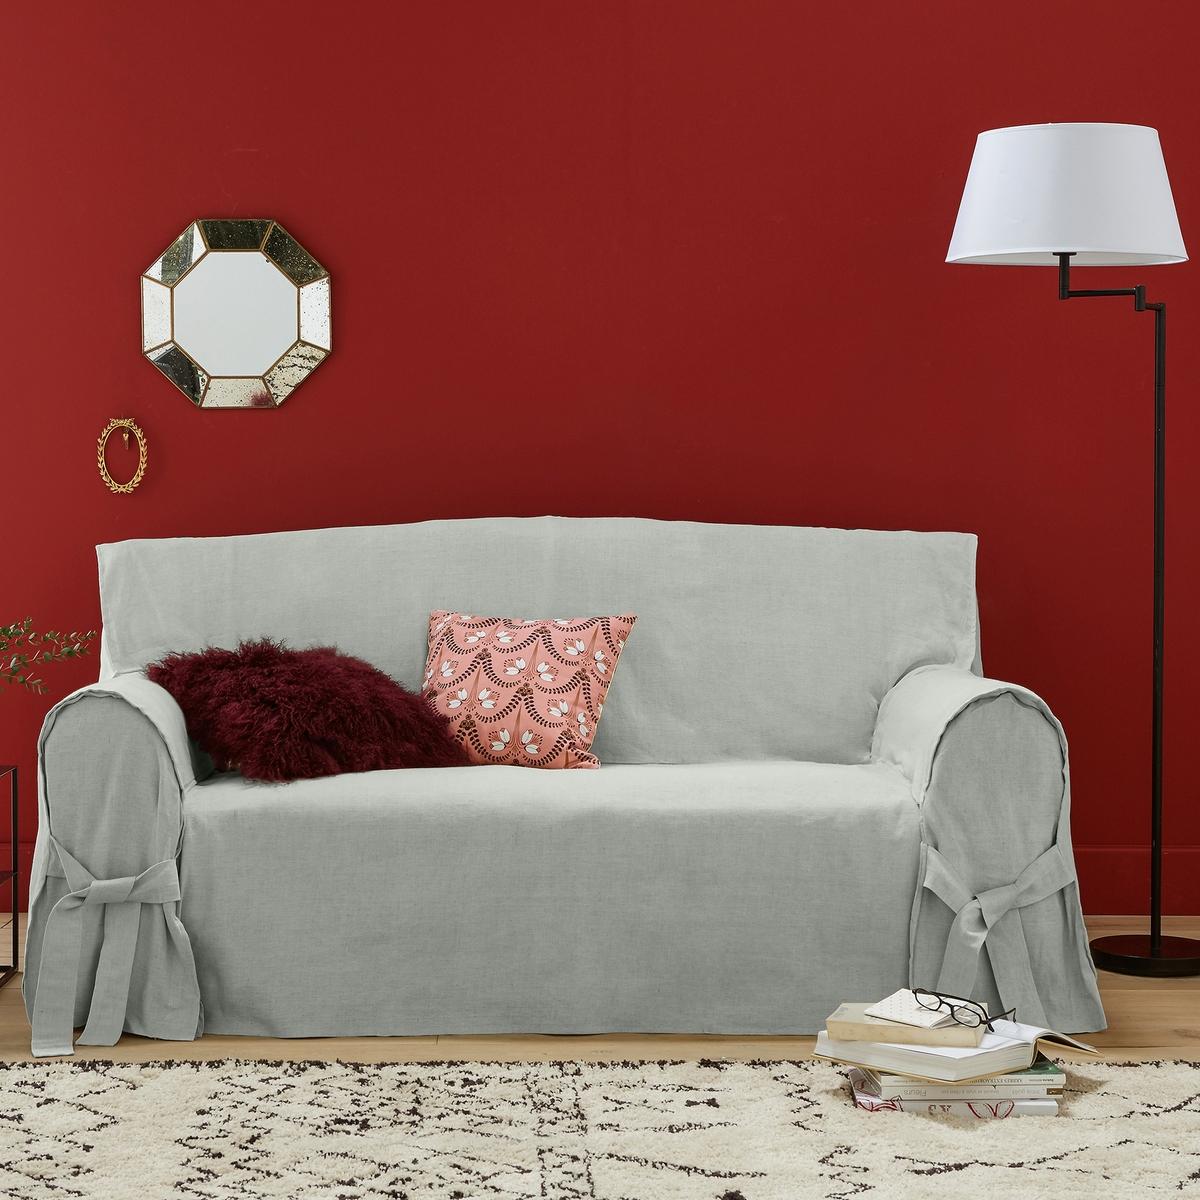 Чехол для диванаКачество VALEUR SURE. Плотная смесовая ткань исключительного качества,  55% льна, 45% хлопка. Общие размеры: общая высота 102 см, глубина сиденья 60 см. Стирка при 40°. Превосходная стойкость цвета к солнечным лучам. 2-местный диван: максимальная ширина 142 см, 2-3-местный диван: максимальная ширина 180 см. 3-местный диван: максимальная ширина 206 см.<br><br>Цвет: антрацит,белый,серо-бежевый,серо-коричневый каштан,серый,экрю<br>Размер: 3 местн..3 местн..2 места.2/3 мест.2 места.2 места.3 местн..3 местн.